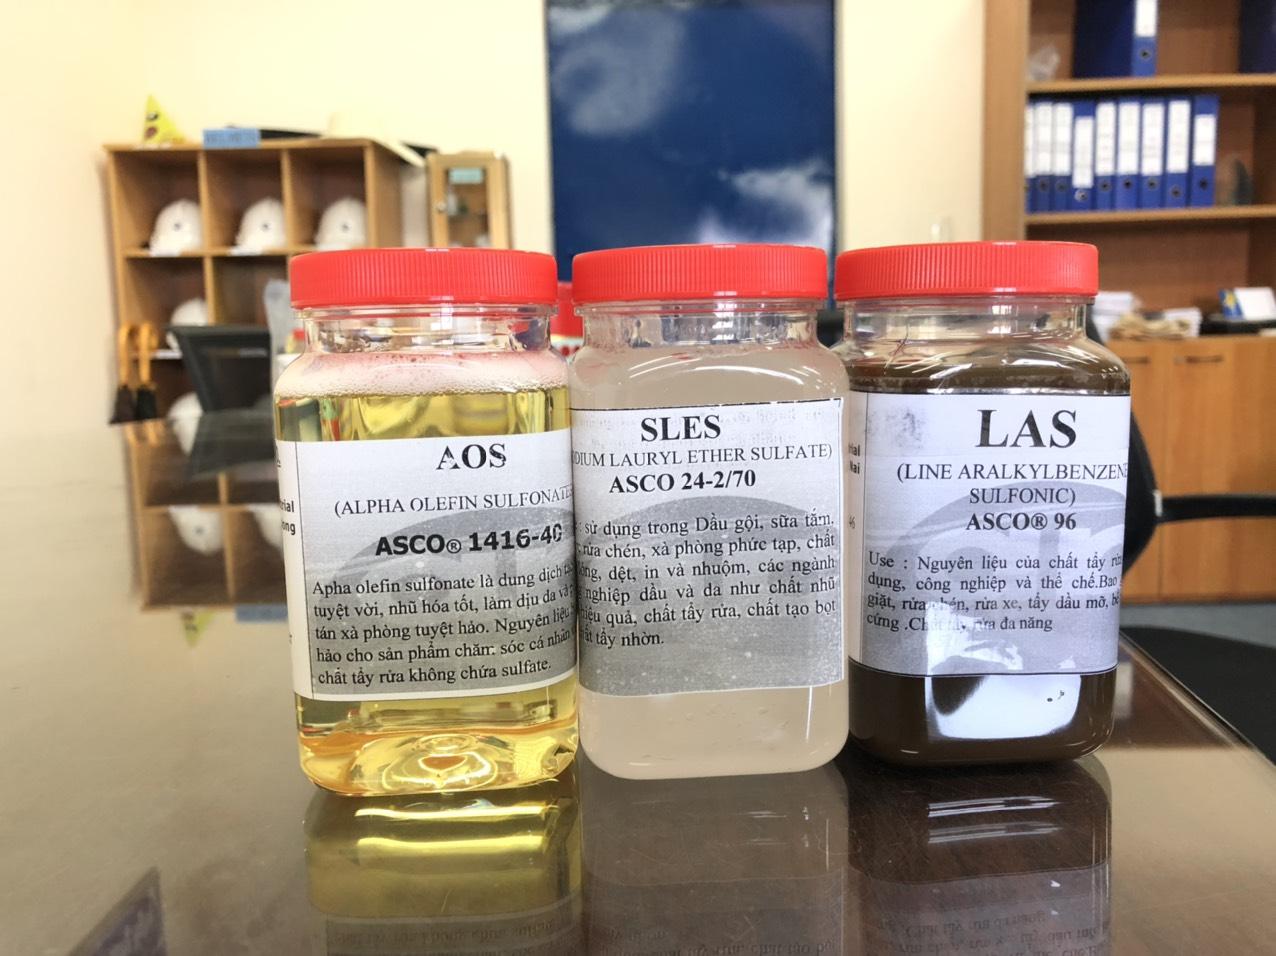 Sự khác biệt về số lượng phân tử epoxyethane (EO) trong SLES dẫn đến chức năng và ứng dụng khác nhau.